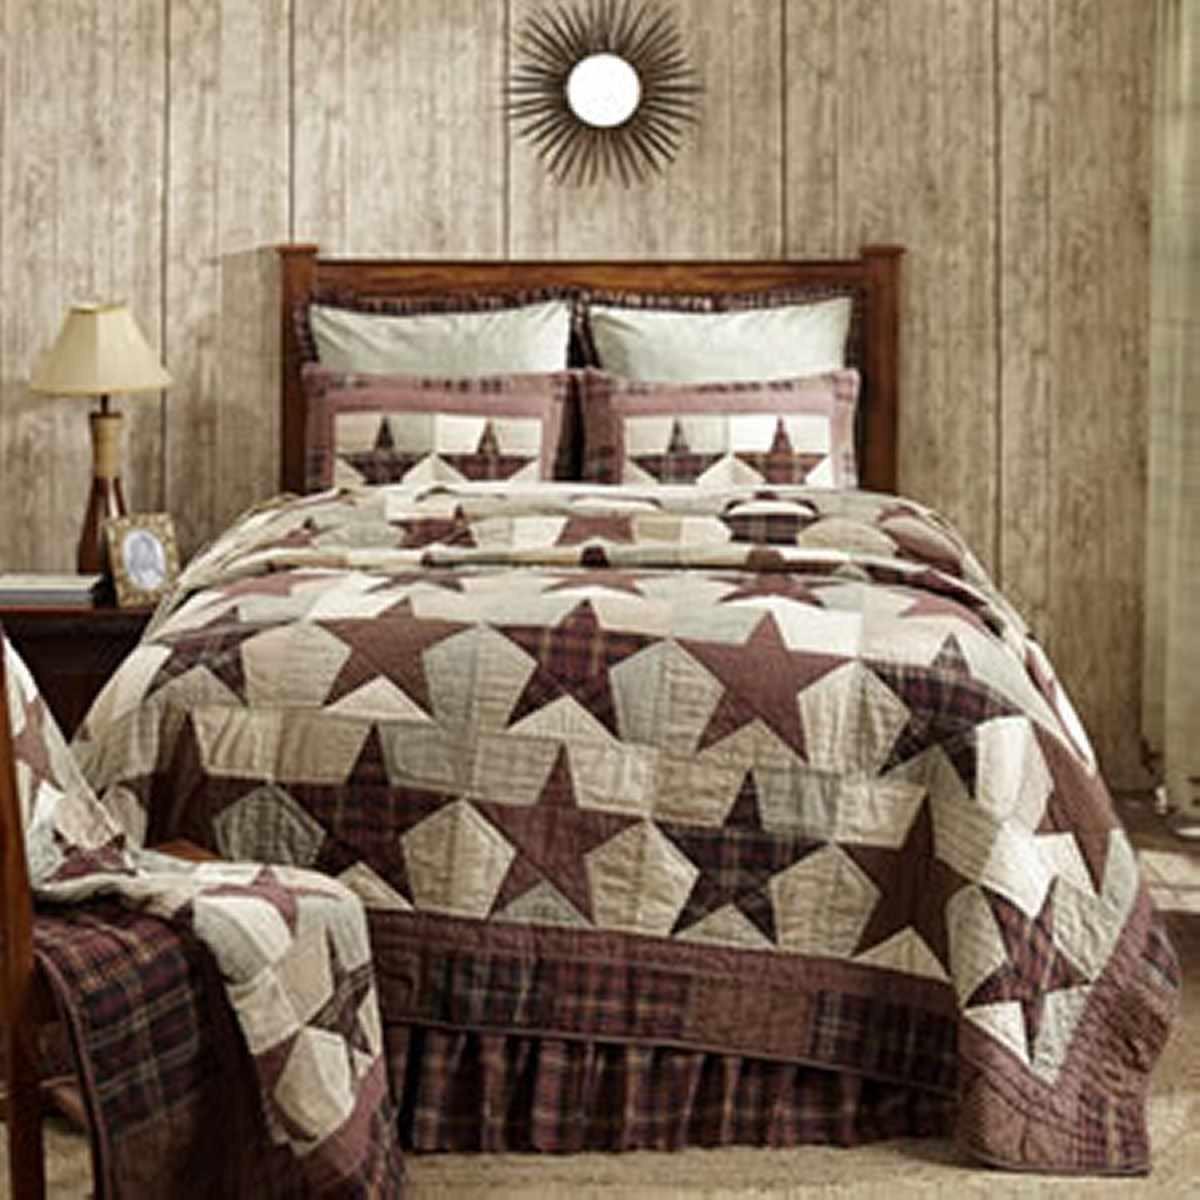 Abilenestar bedding front square 300px copy cbc63d03 a5a3 4ce8 ab13 9185c6503ac6